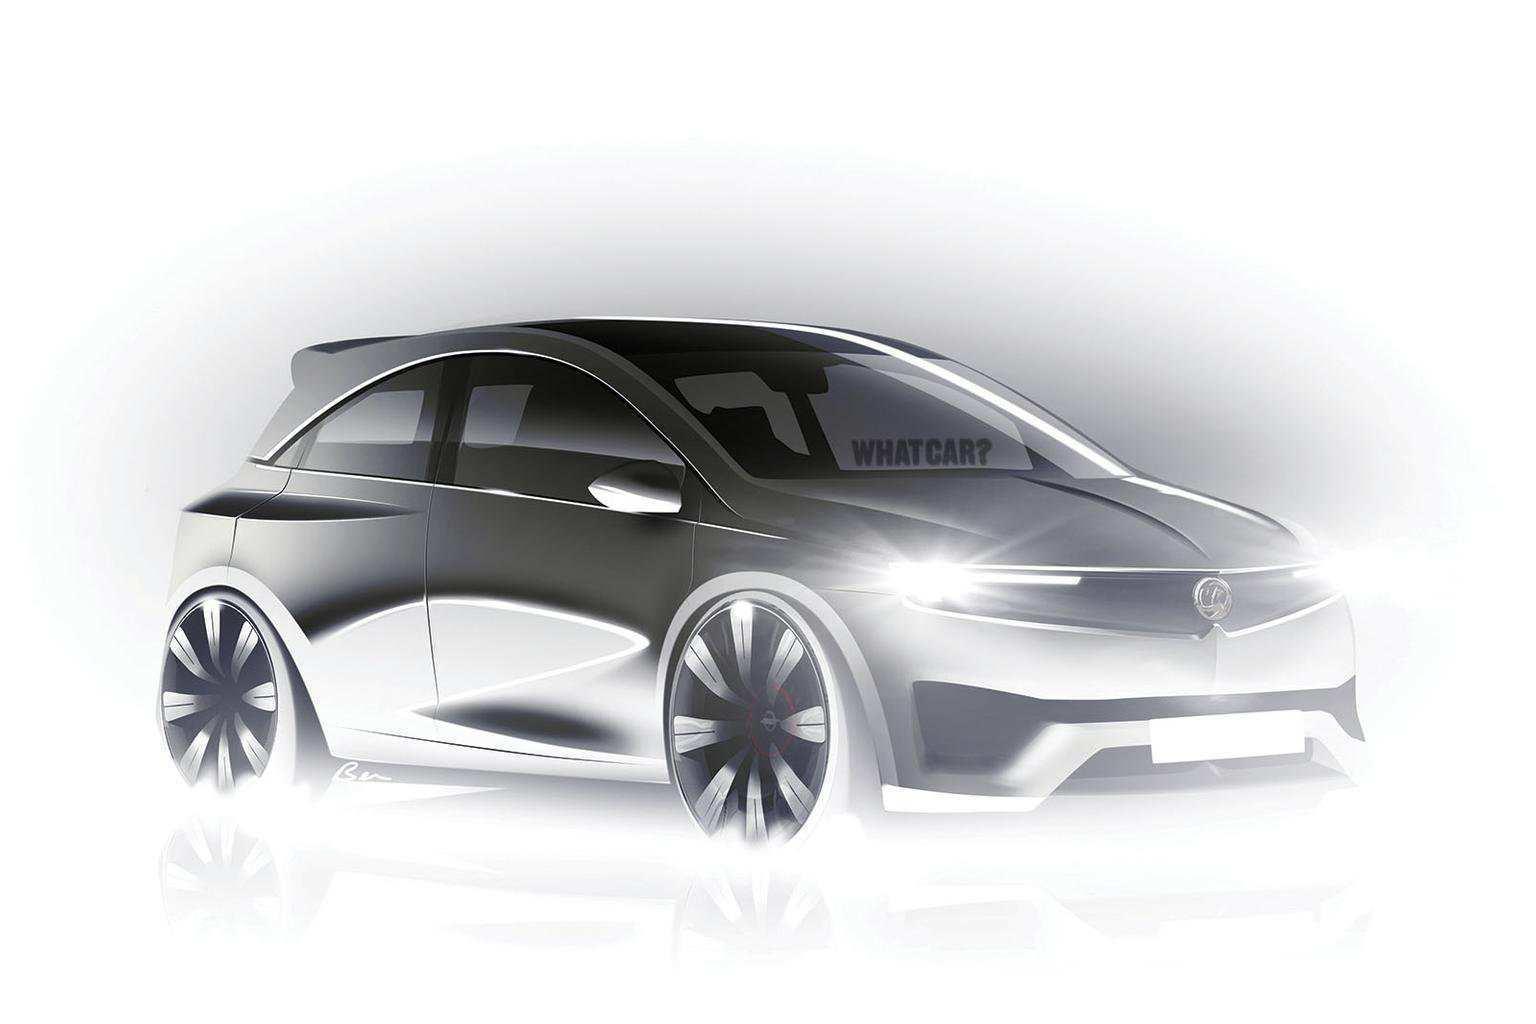 87 New Opel Tigra 2019 Price for Opel Tigra 2019